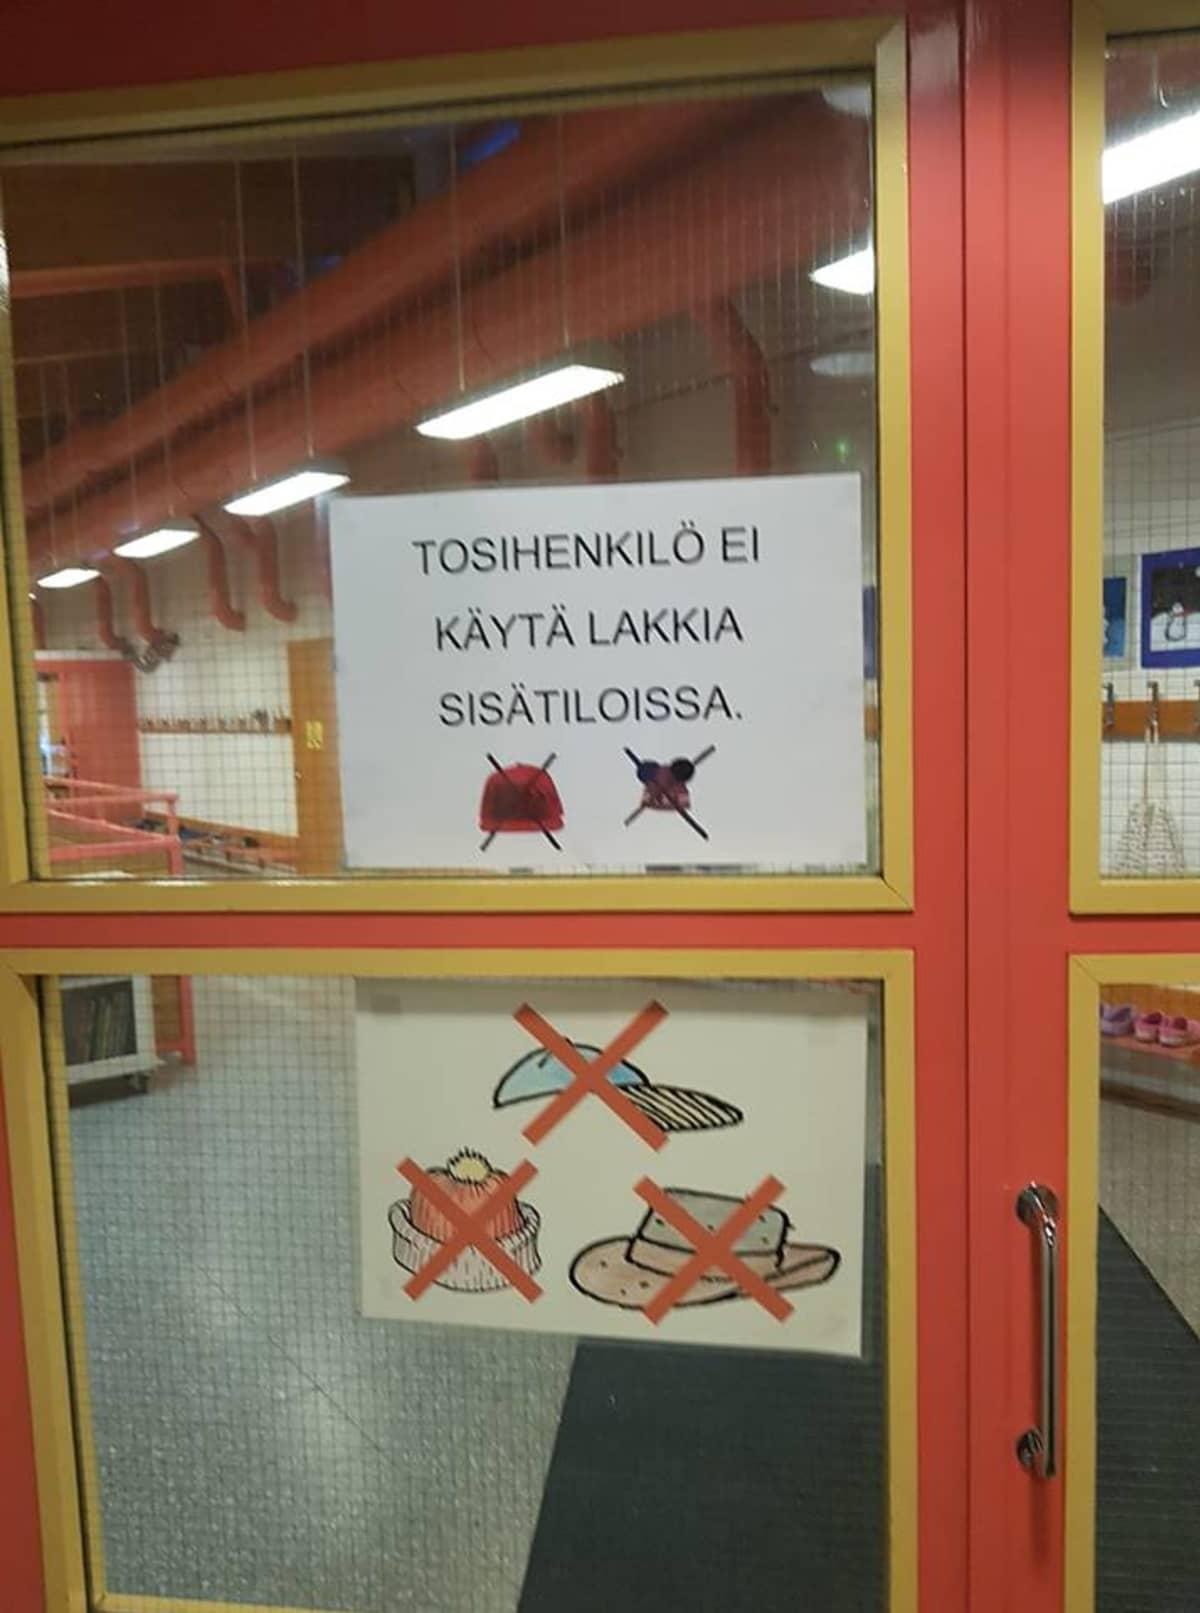 Tosihenkilö ei käytä lakkia sisätiloissa sanotaan koulun kyltissä.